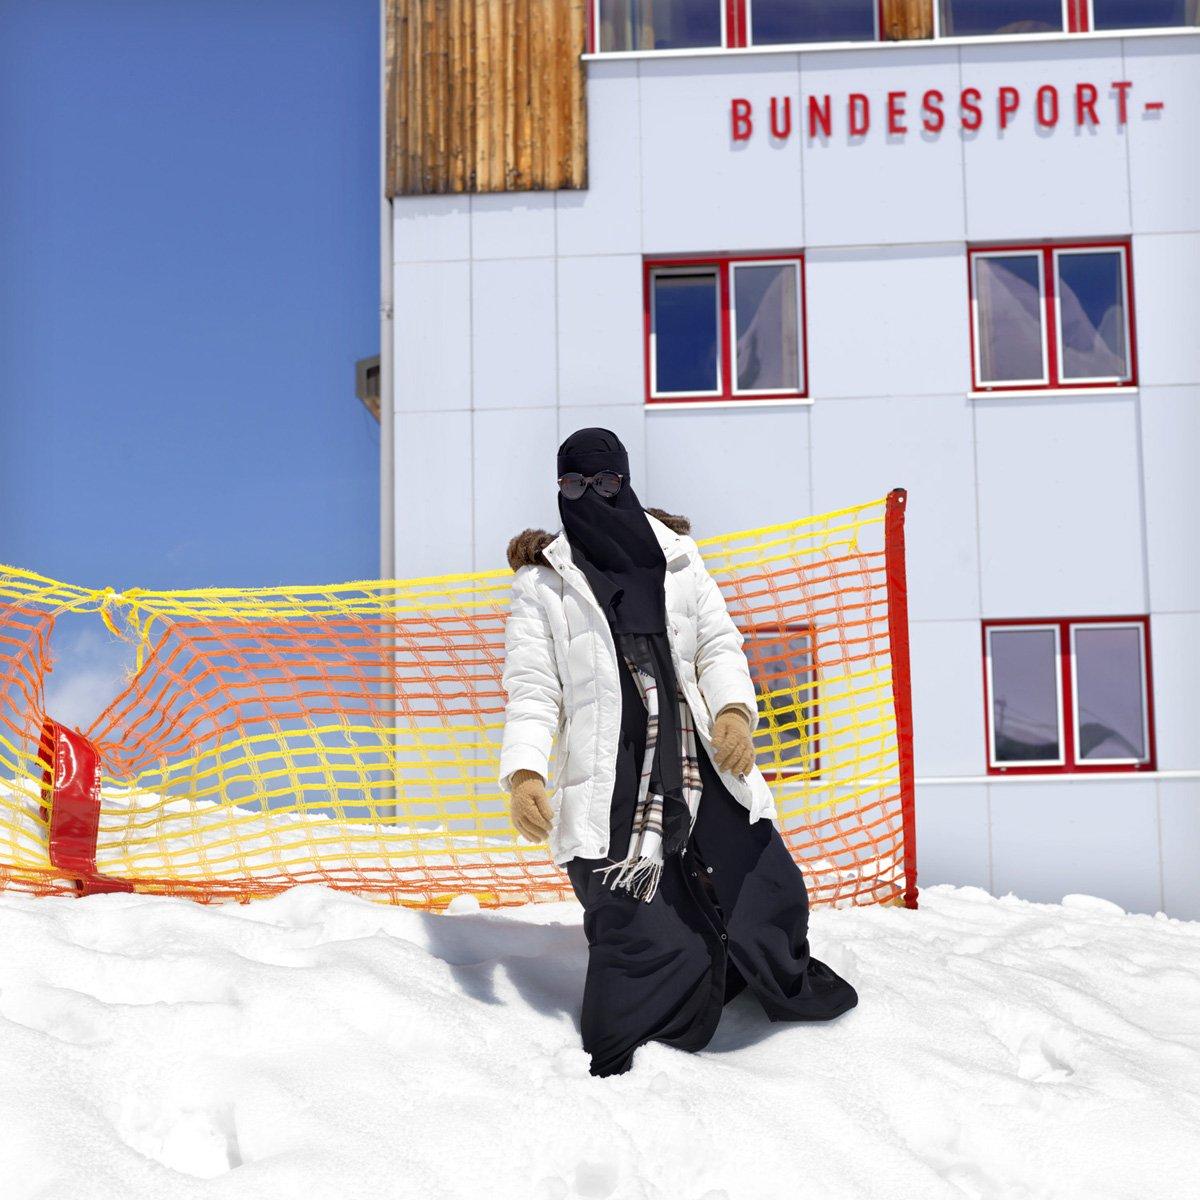 Turistas do Oriente Médio invadem cidade idílica alpina para escapar do calor do verão escaldante 06